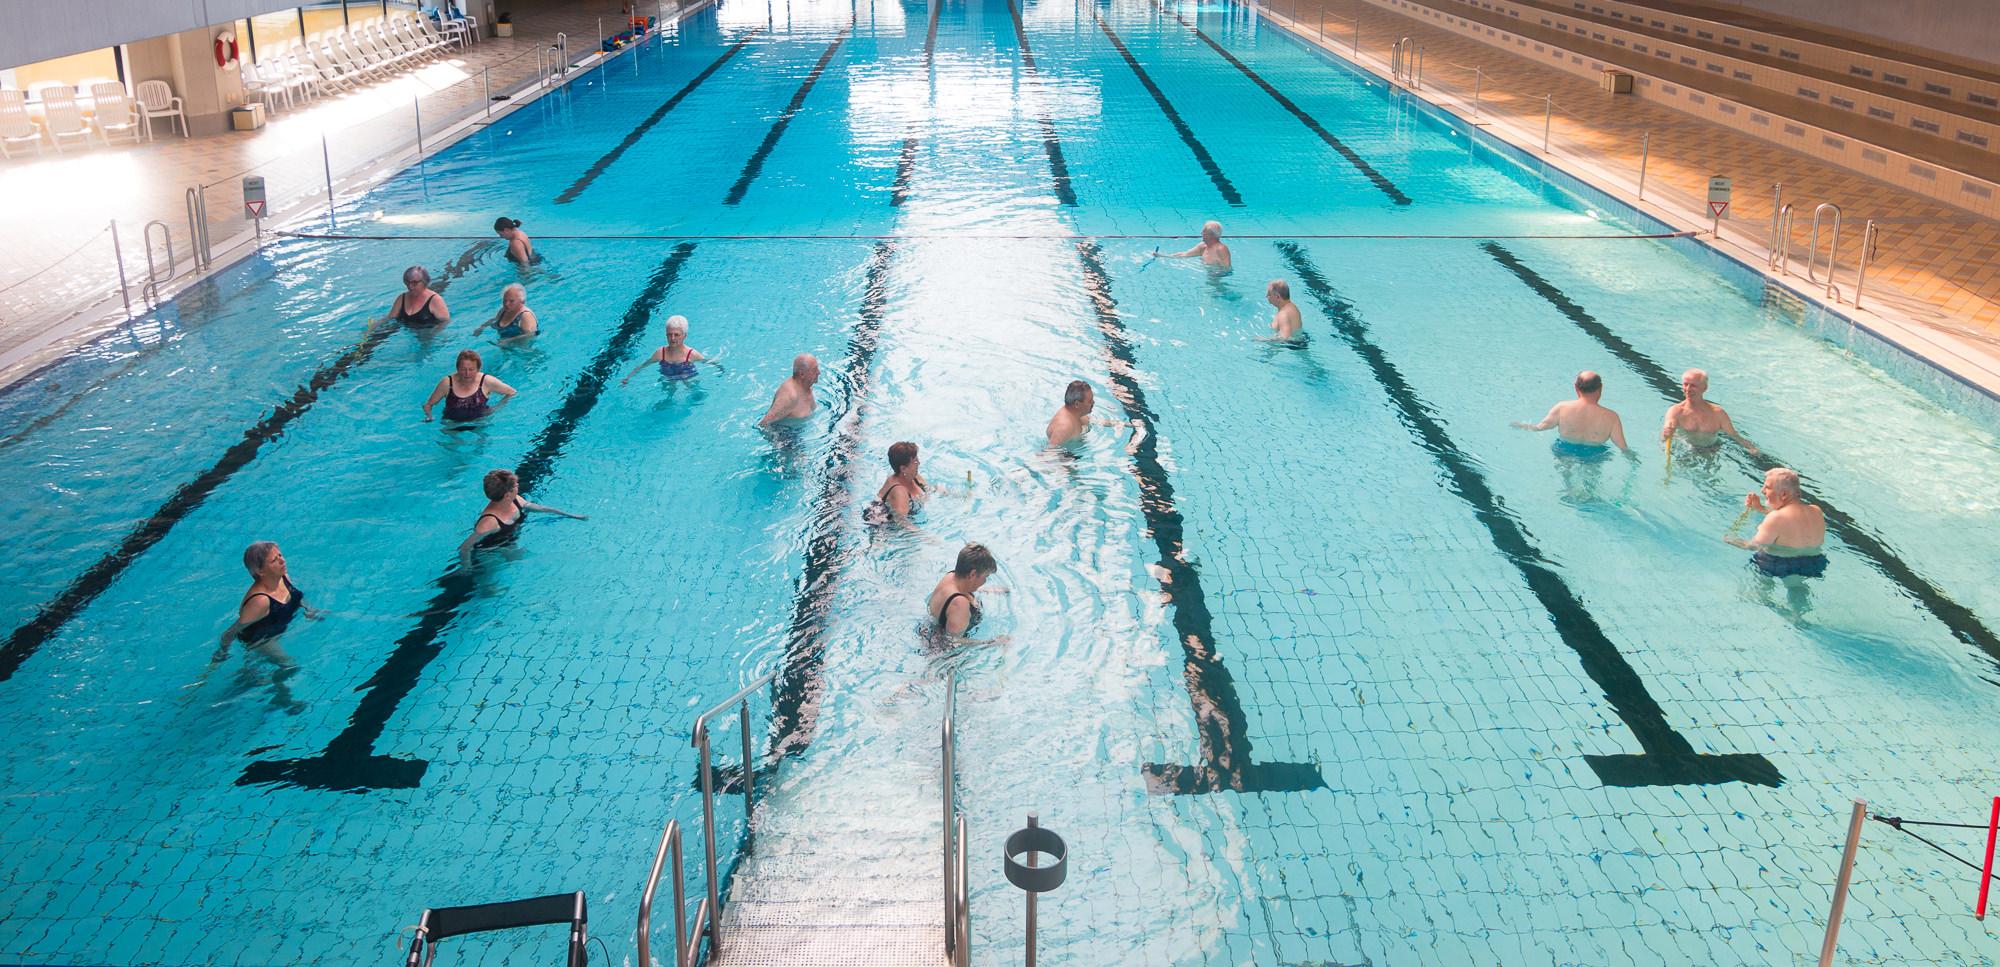 Antje 39 s schwimmschule vitamar kleinostheim for Schwimmschule seligenstadt